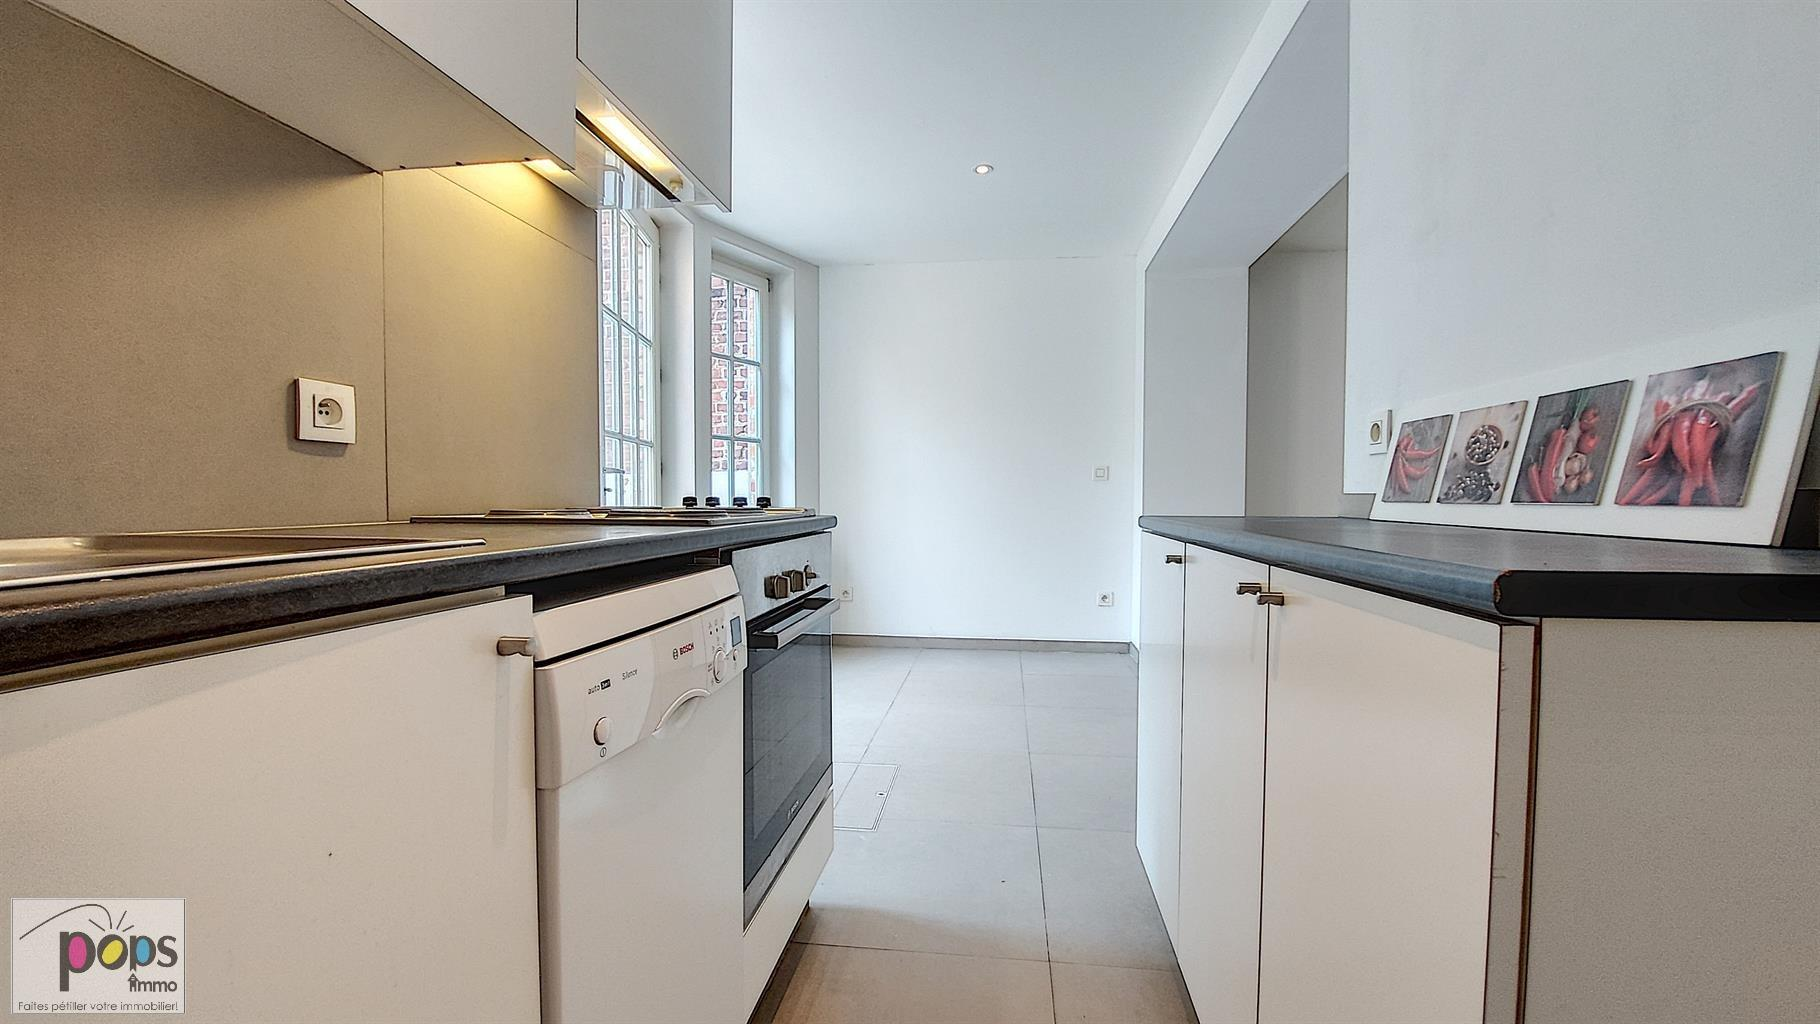 Appartement - Ixelles - #4388996-7